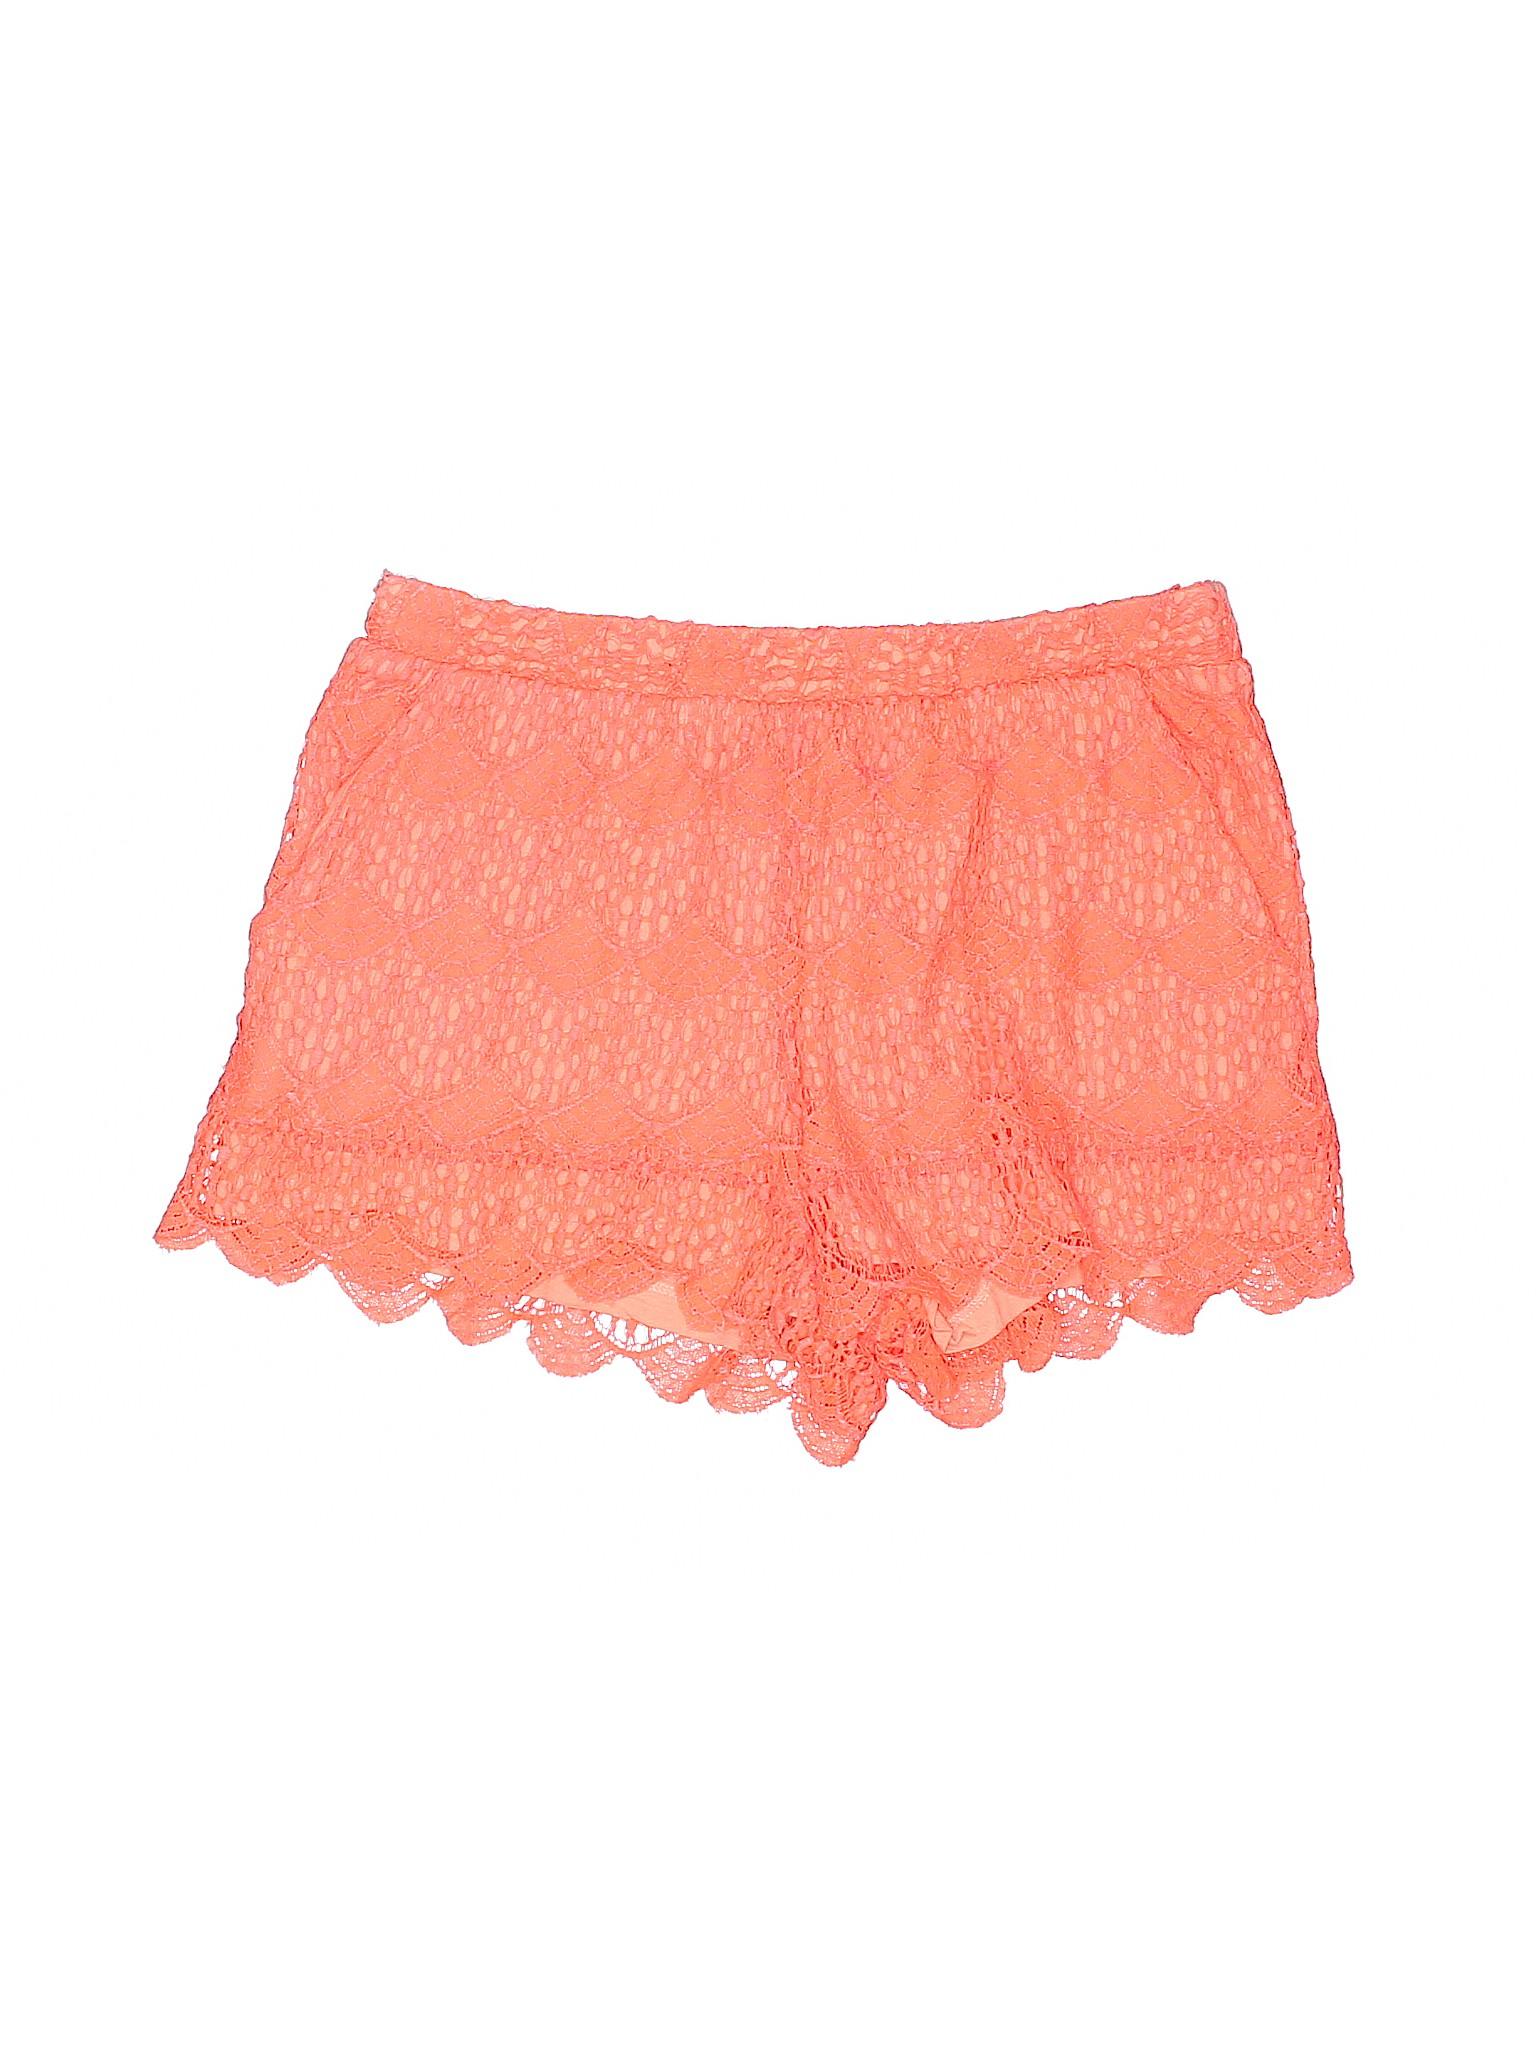 Boutique Boutique winter Moss Boutique Shorts Ella Moss winter Ella Boutique Ella Shorts Moss Shorts winter 1qfxEw5